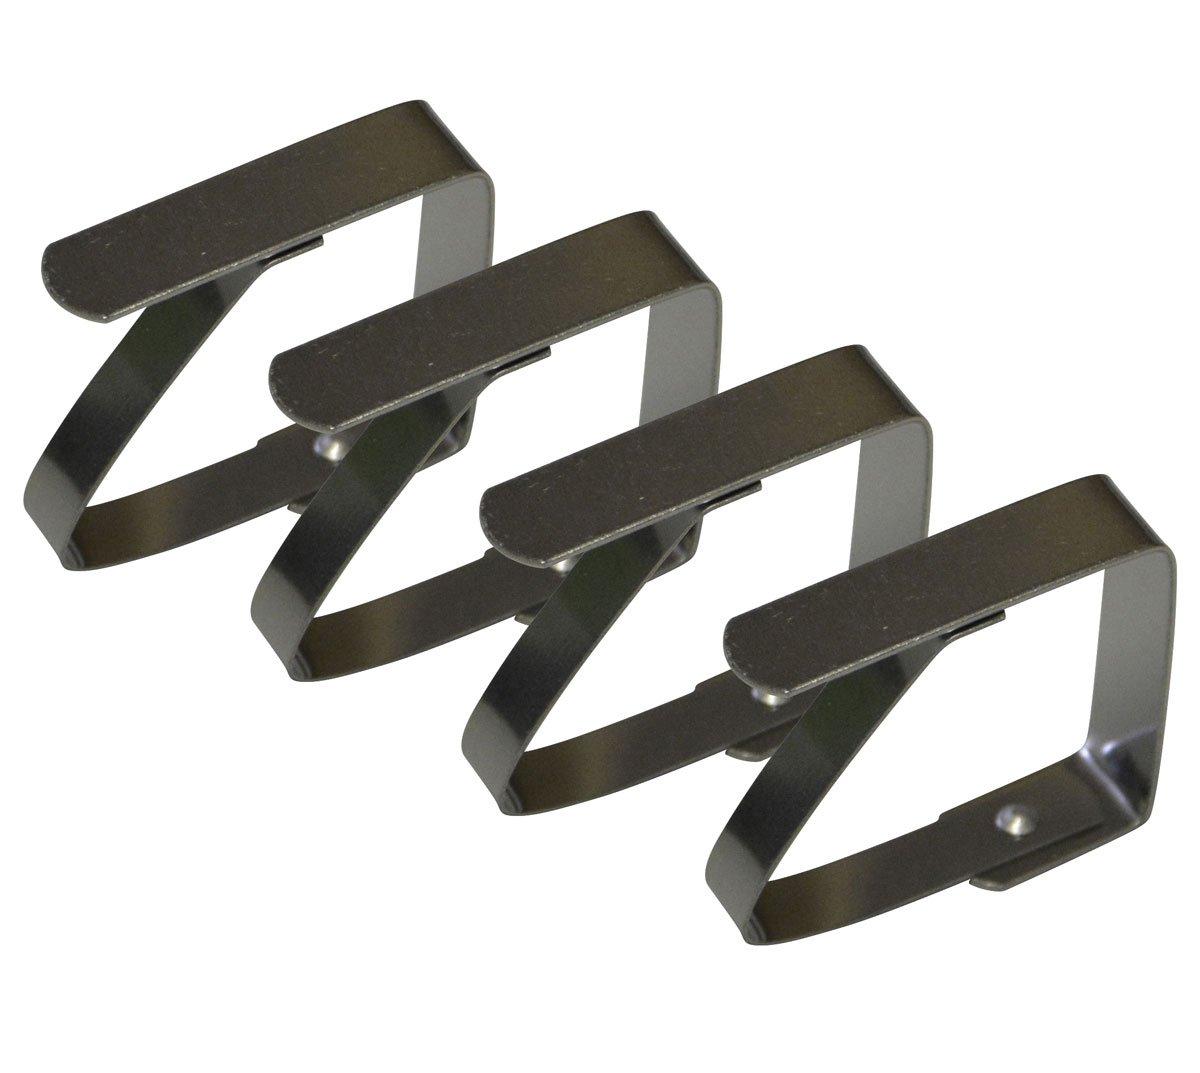 Fermatovaglia in acciaio inox per tavolo da giardino ecc. di fissaggio all-around24®